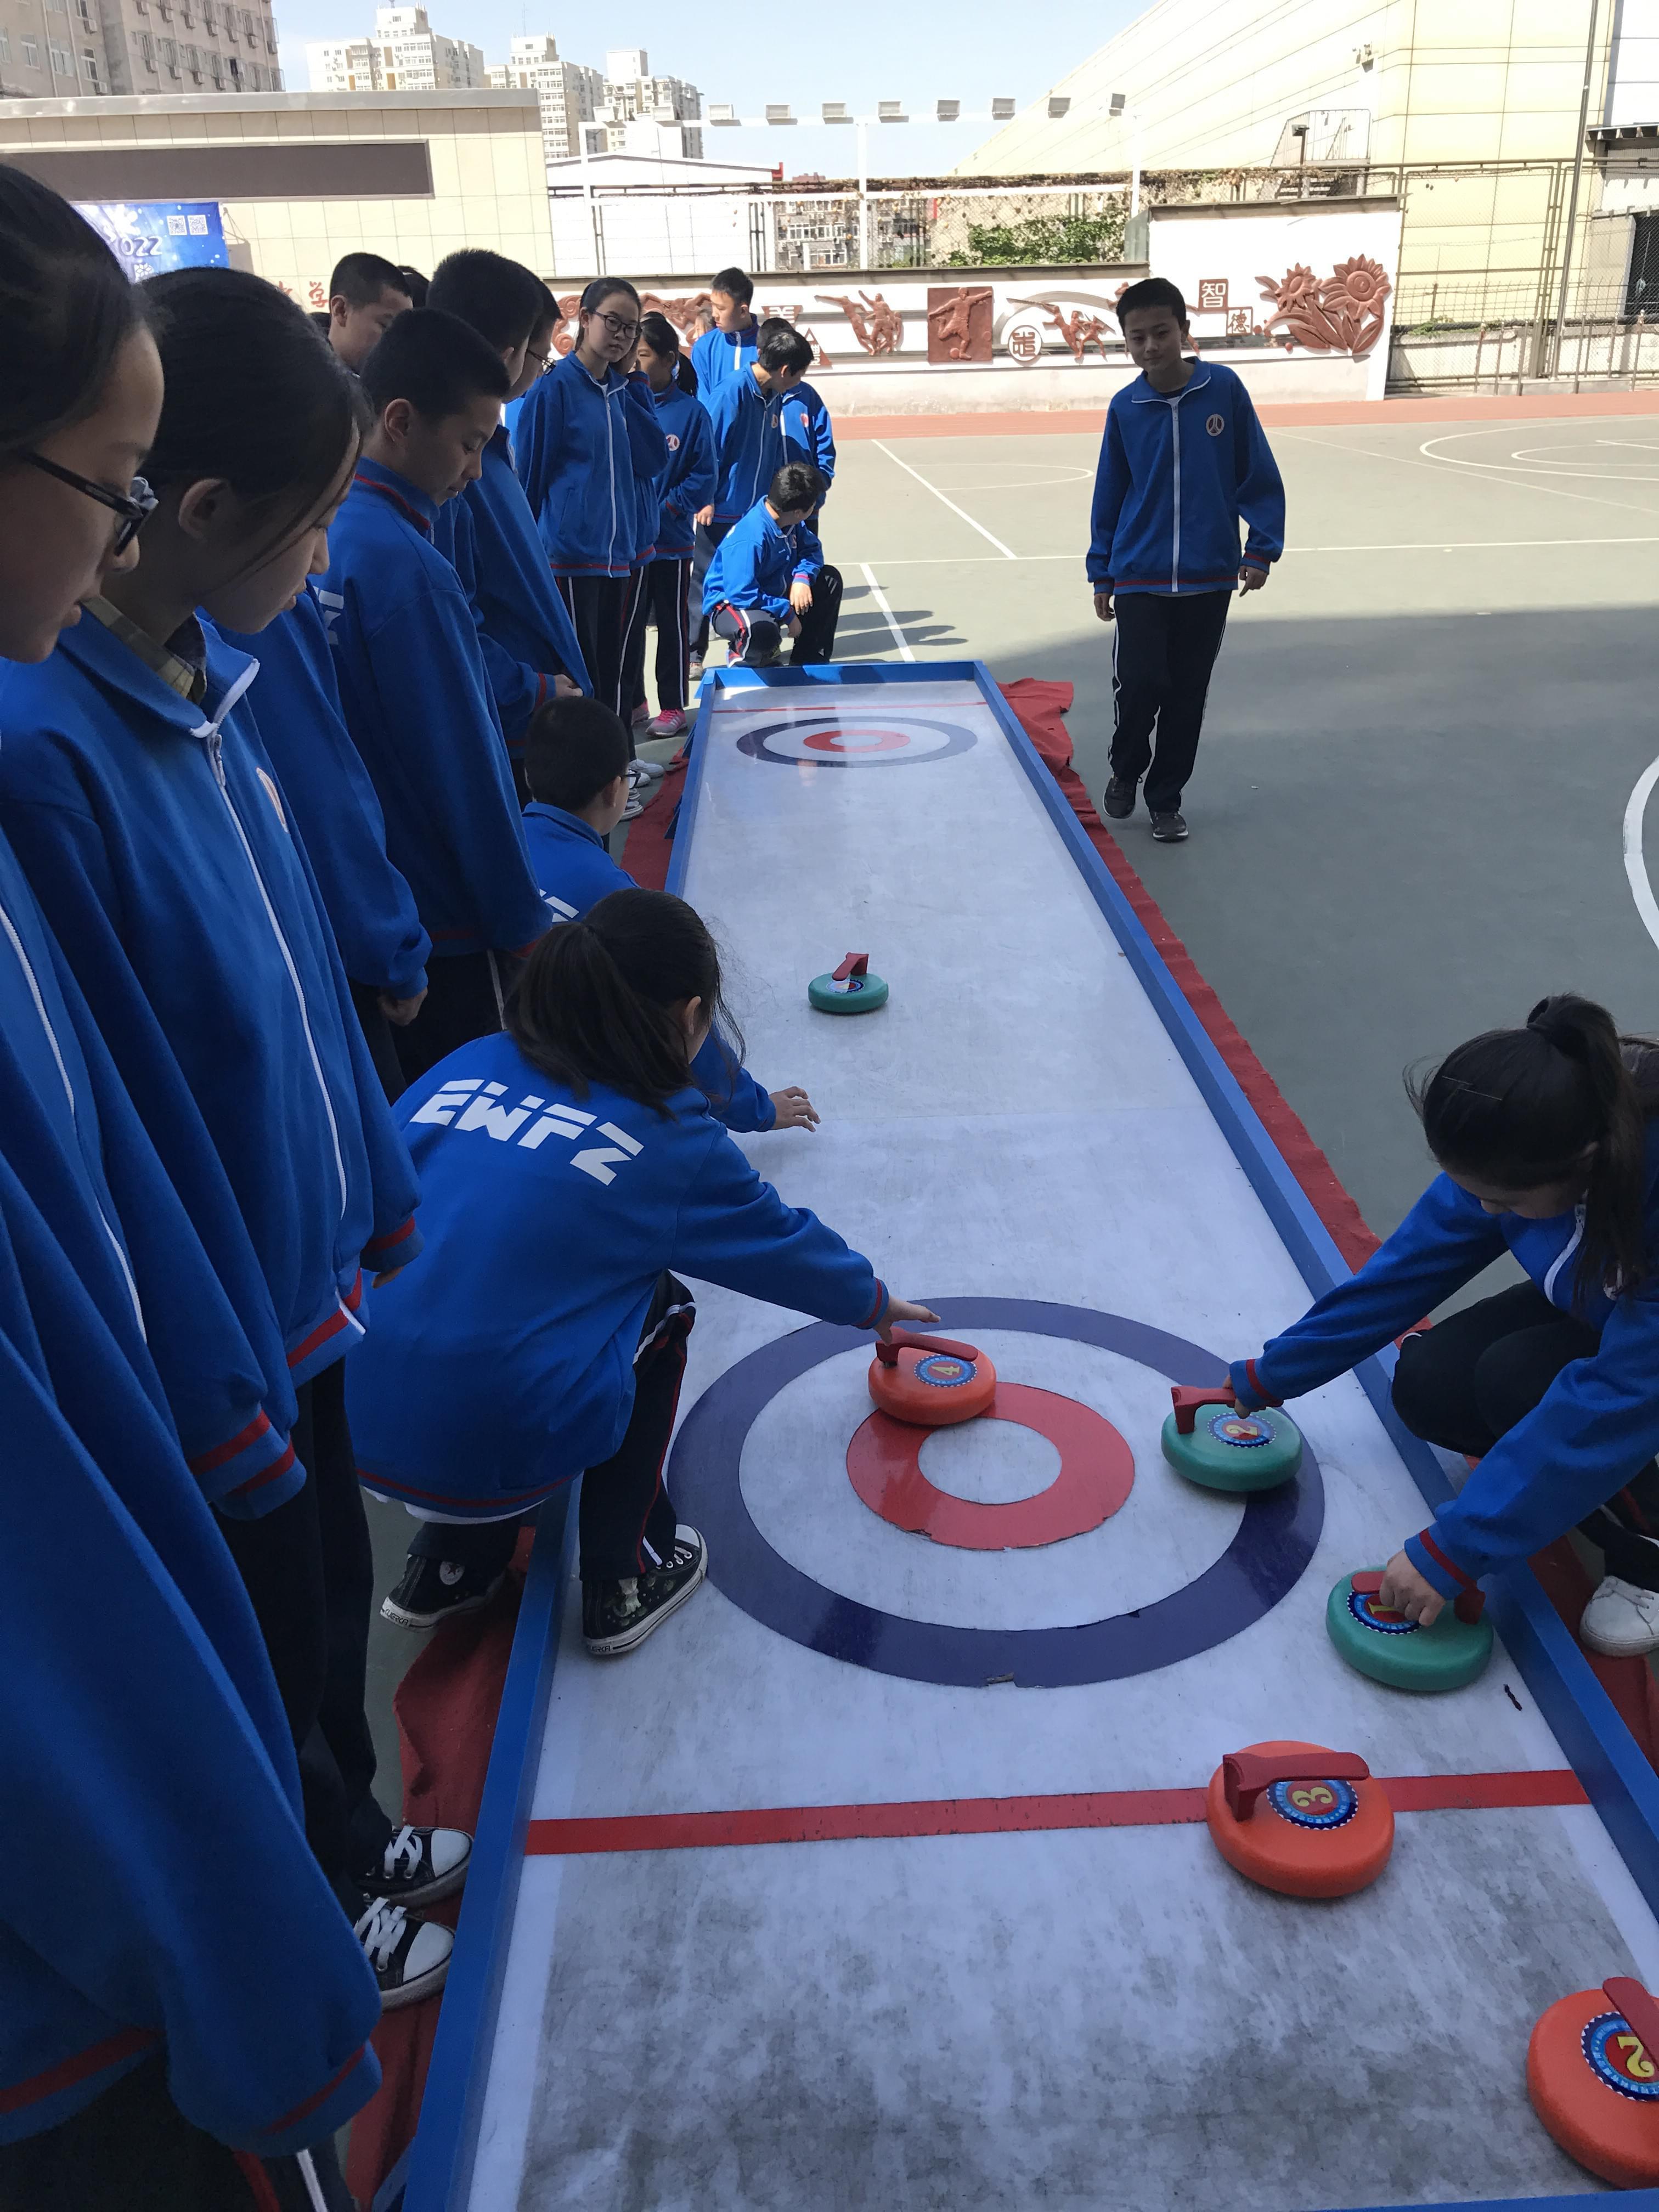 凌渡冰雪课堂吹响集结号 进驻北京二外附中